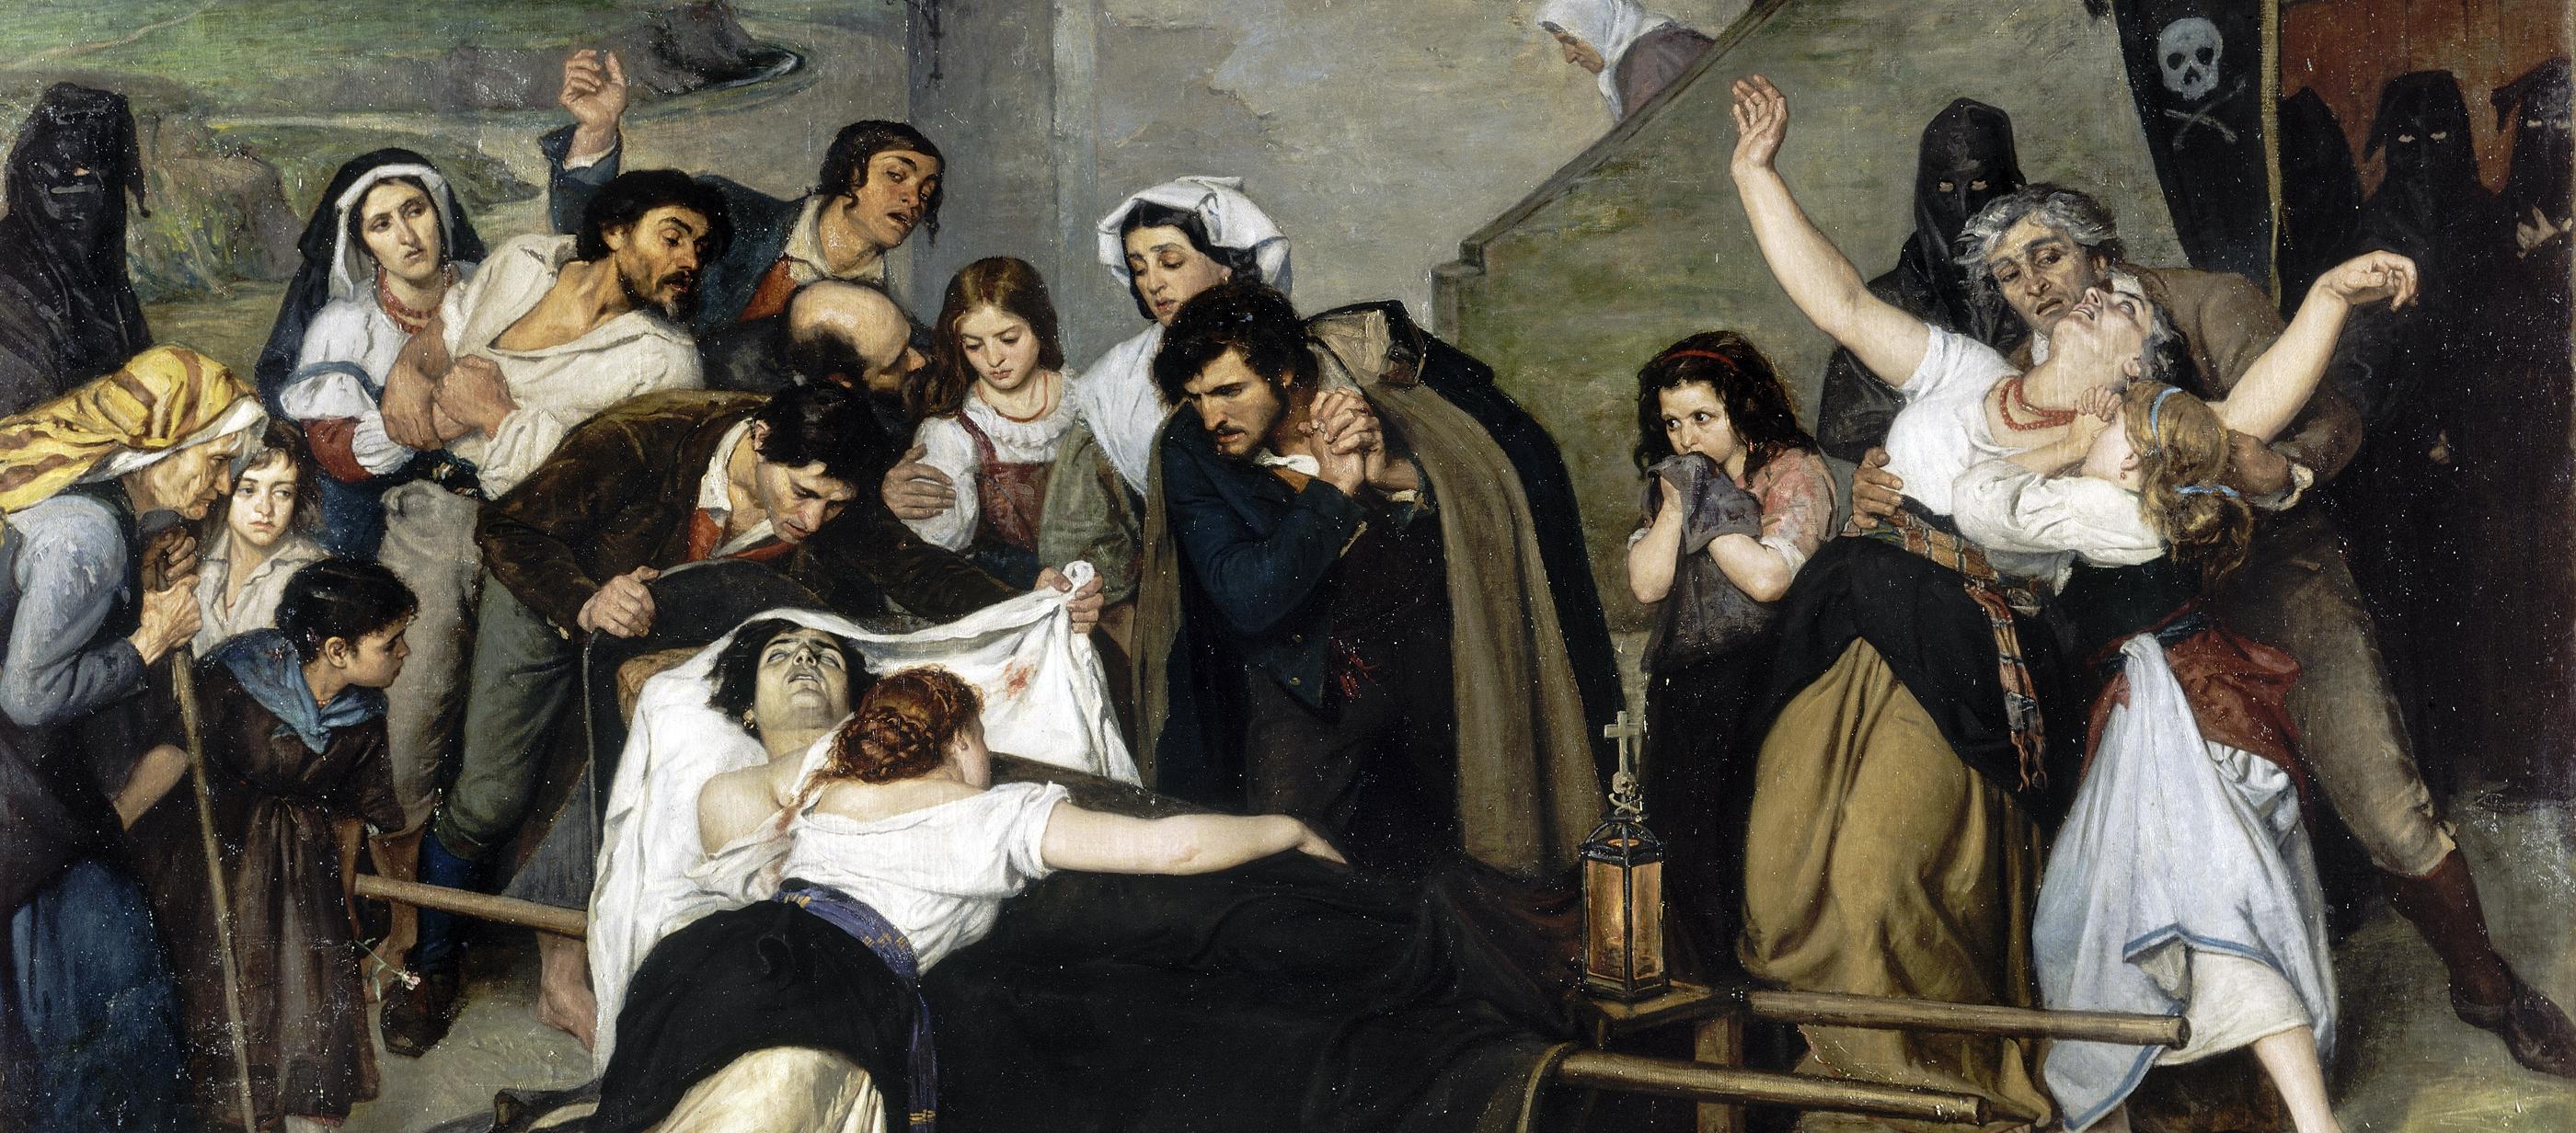 The Murdered Man, by Carolus-Duran, 1866.